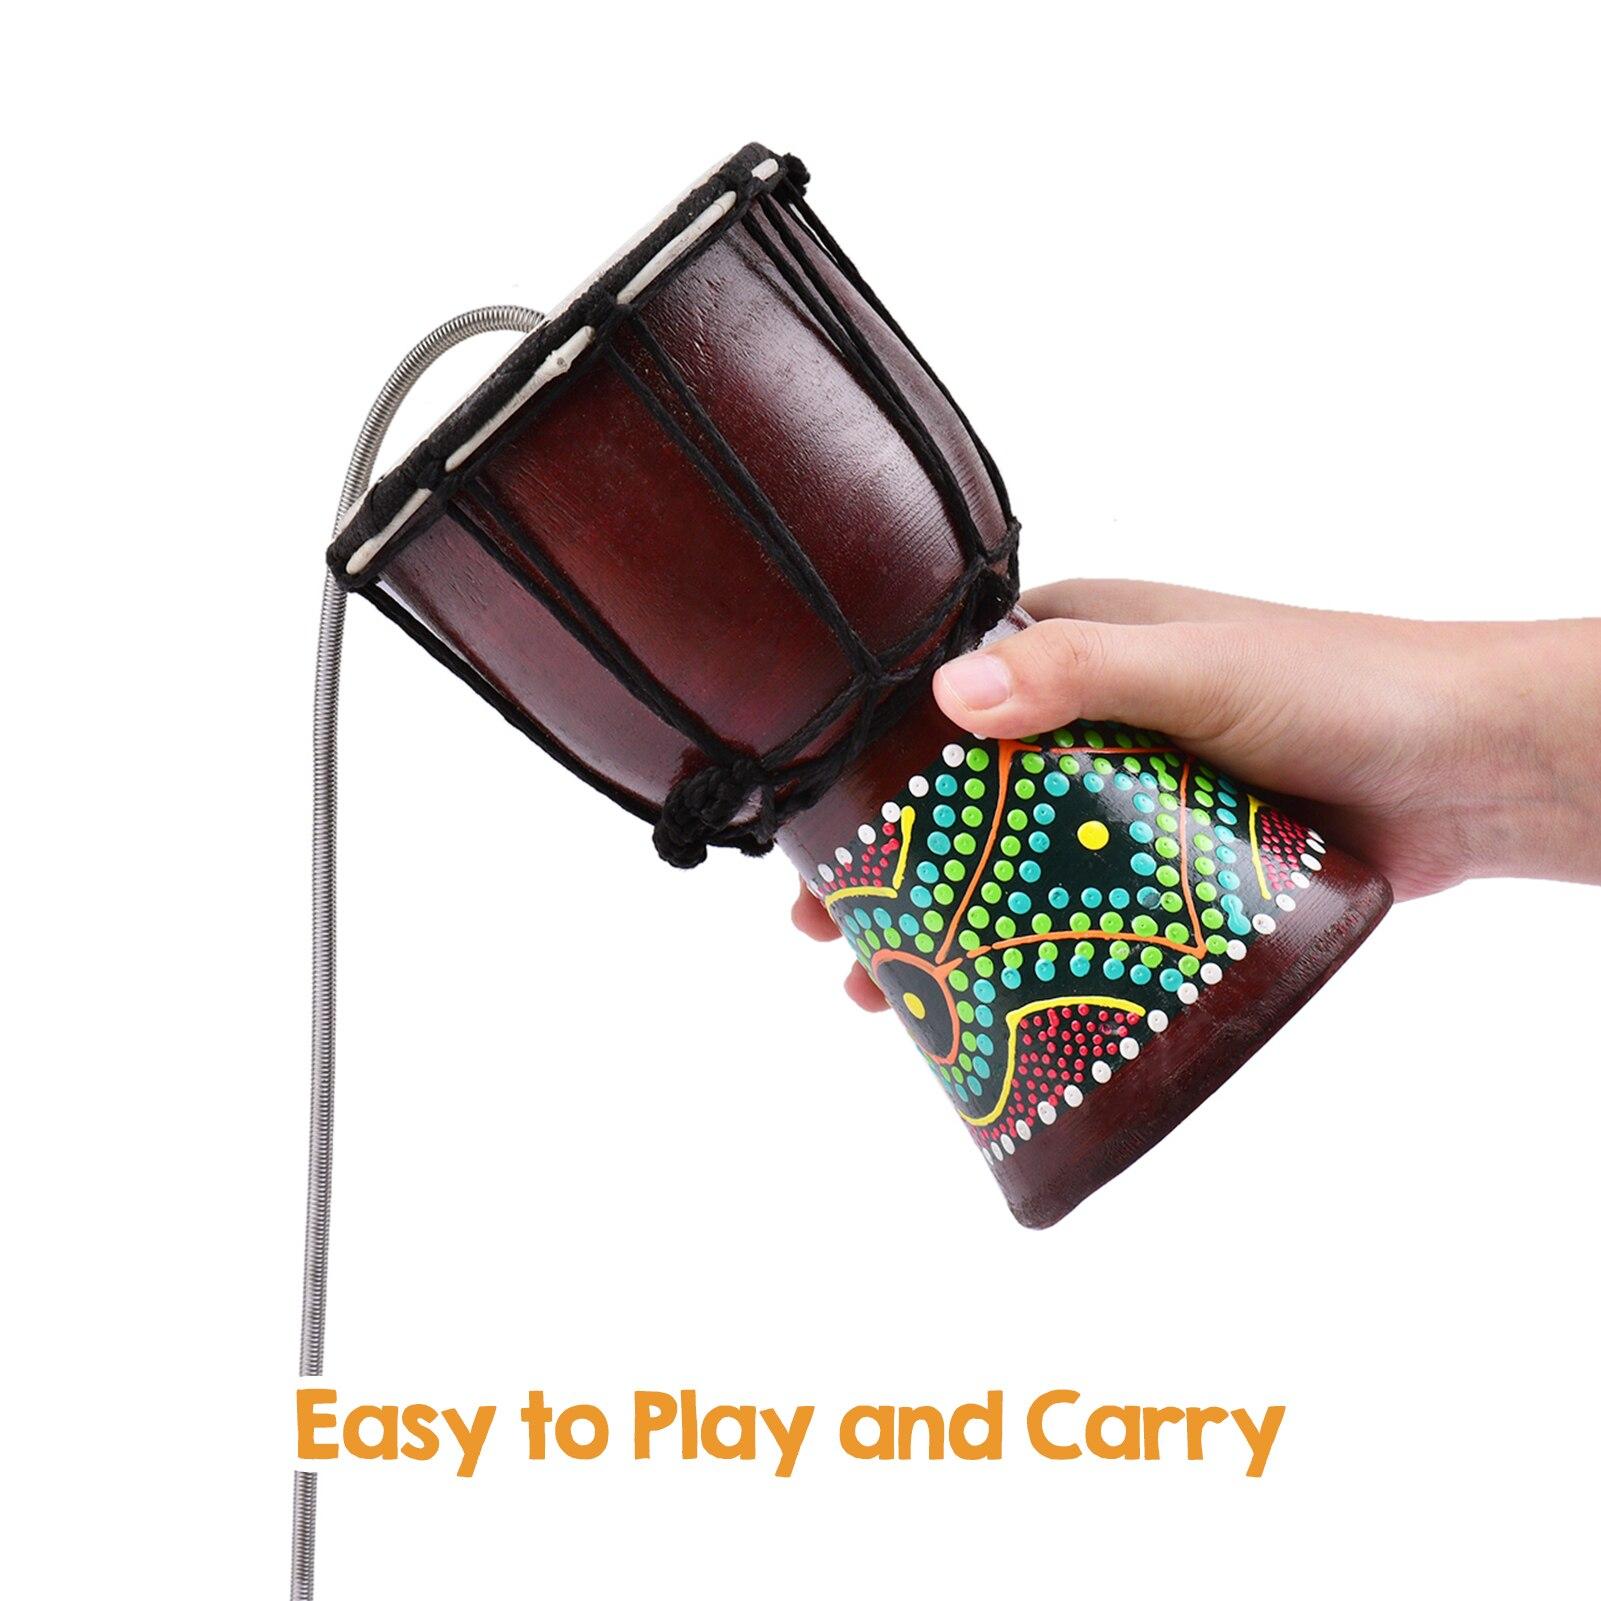 Tambor de Percussão Musical para o Desempenho Polegada Primavera Tambor Trovão Tubo Som Fabricante Brinquedo Pratice Música Educação 4.7